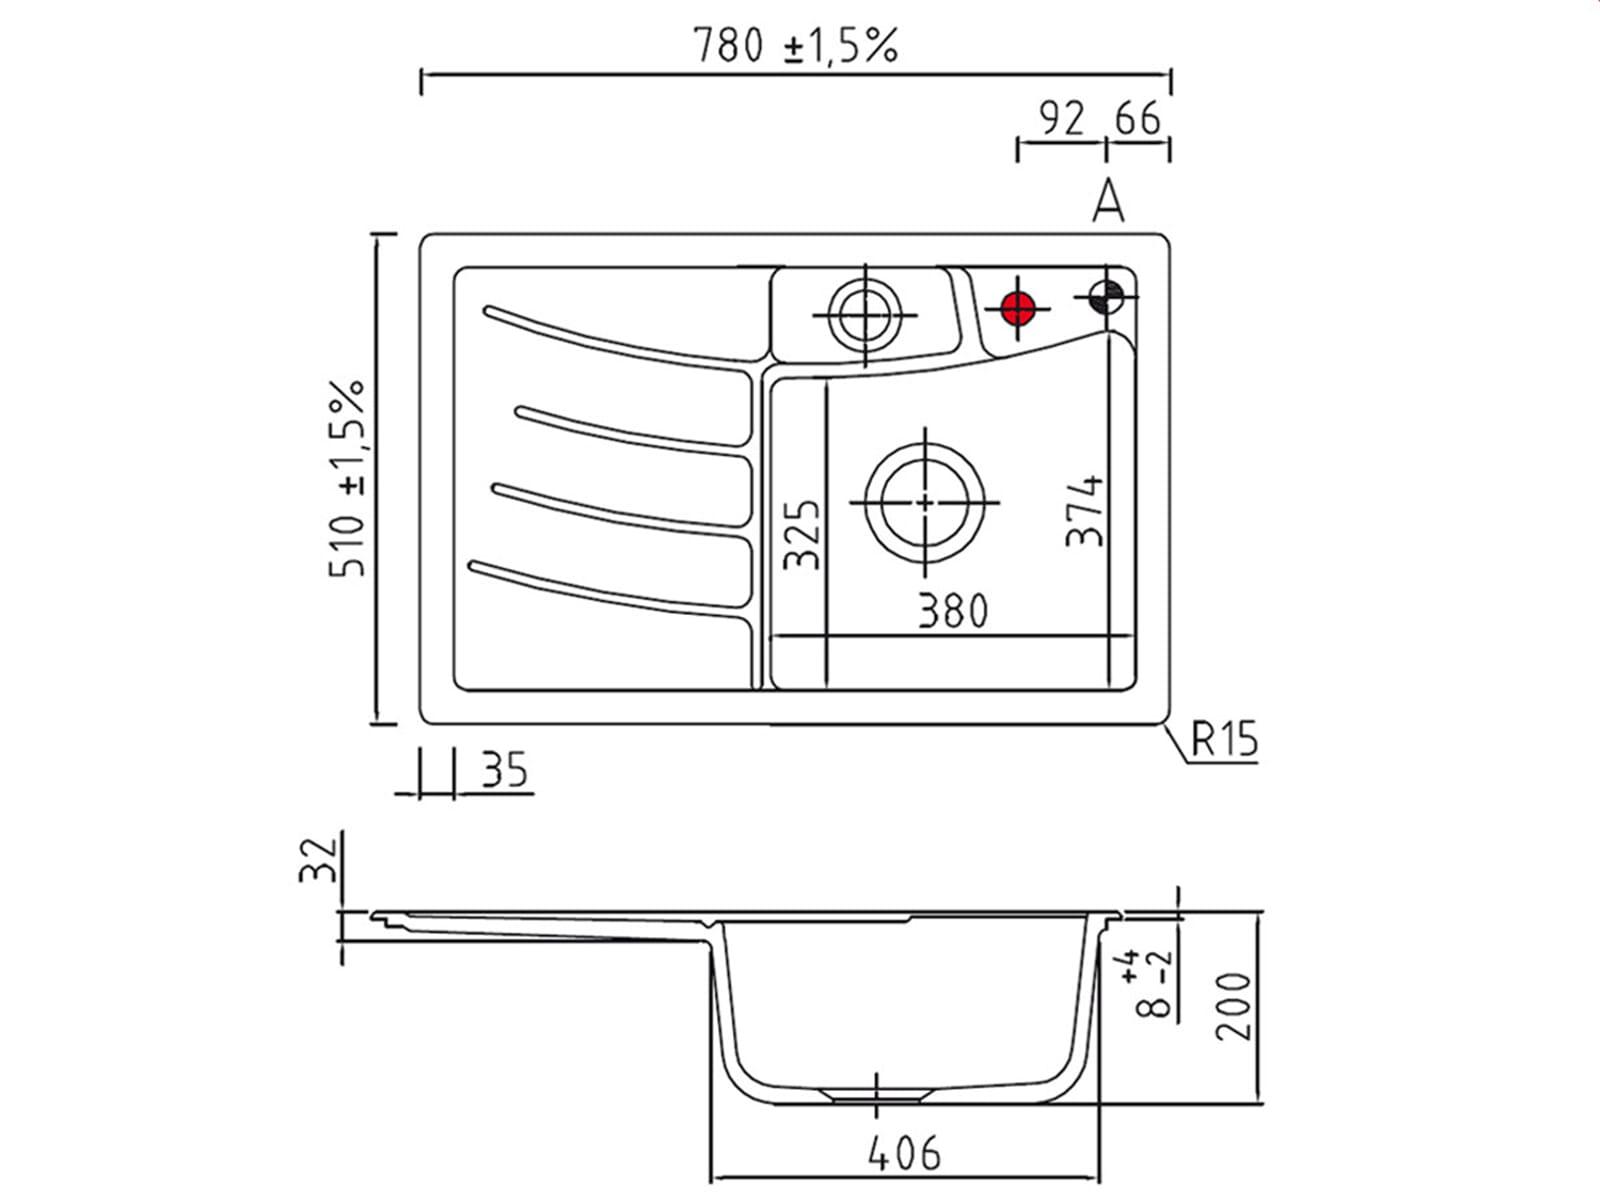 Systemceram Vega 78 Satin Keramikspüle Handbetätigung